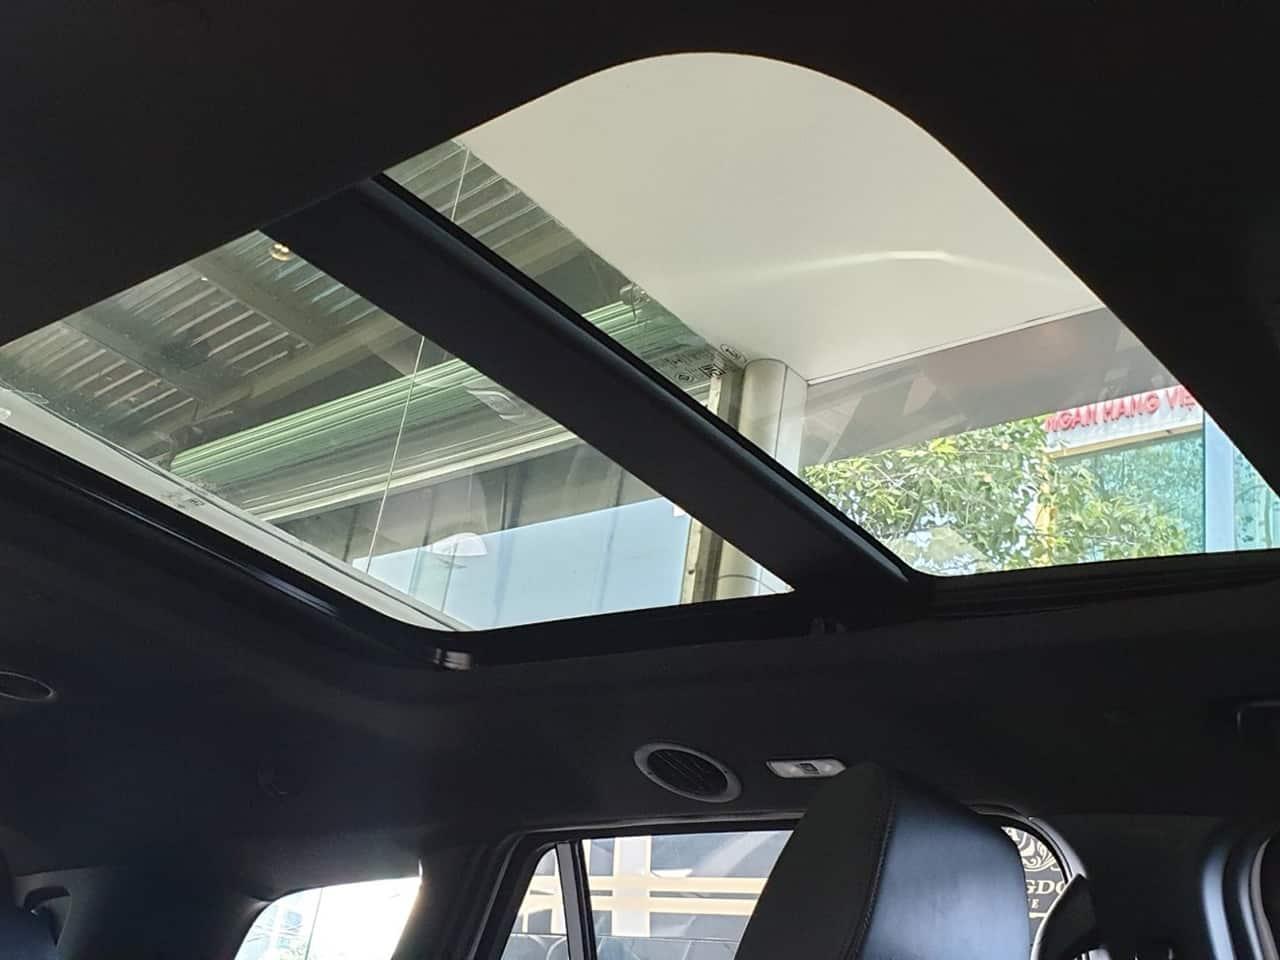 Cửa sổ trời Ford Everest 2020 toàn cảnh